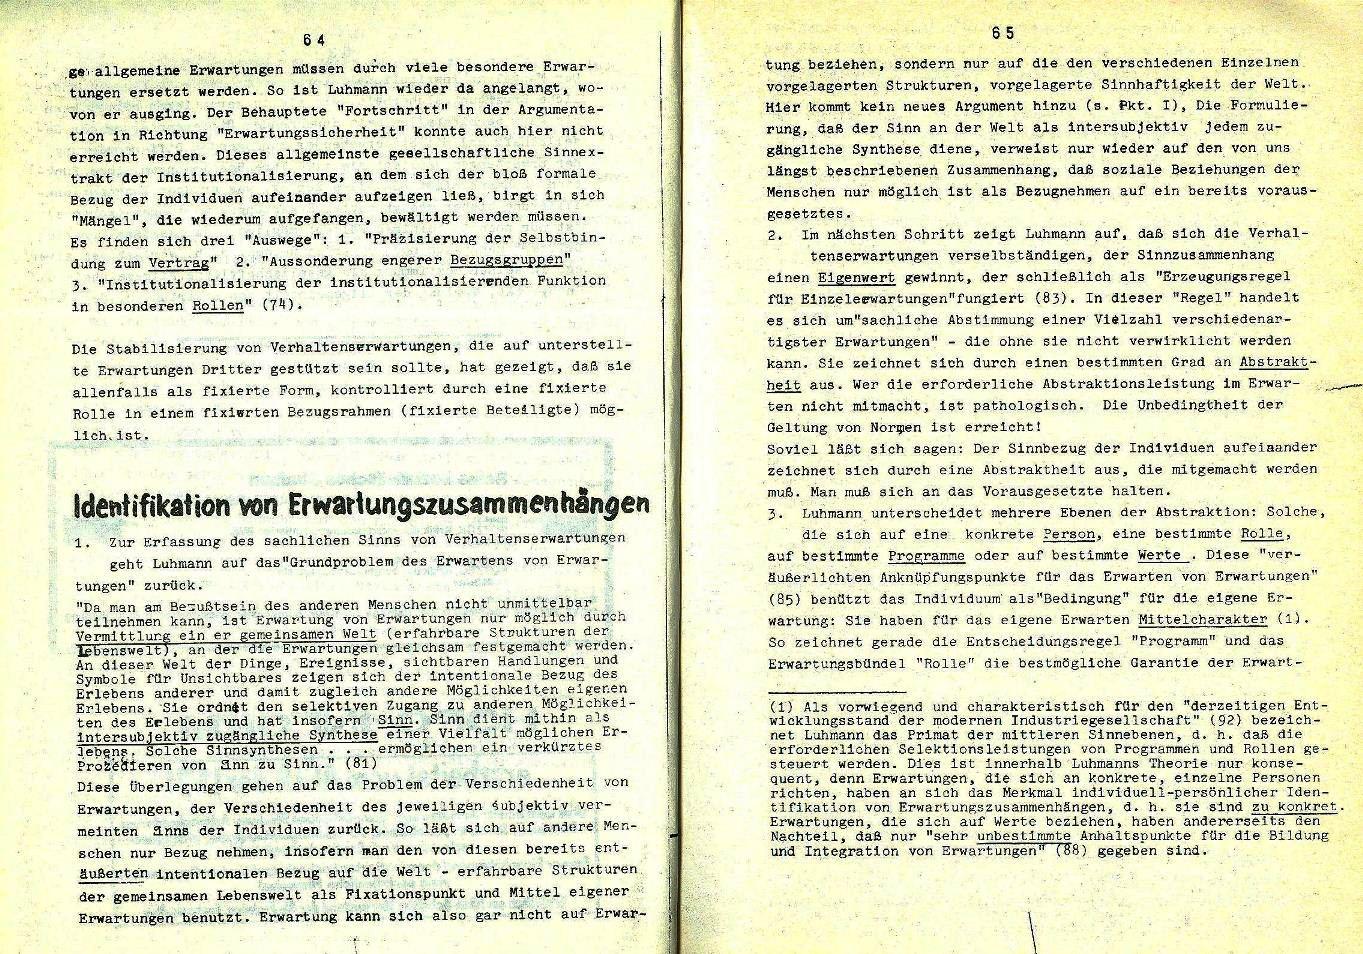 Muenchen_AK_Sozialistisches_Studium034